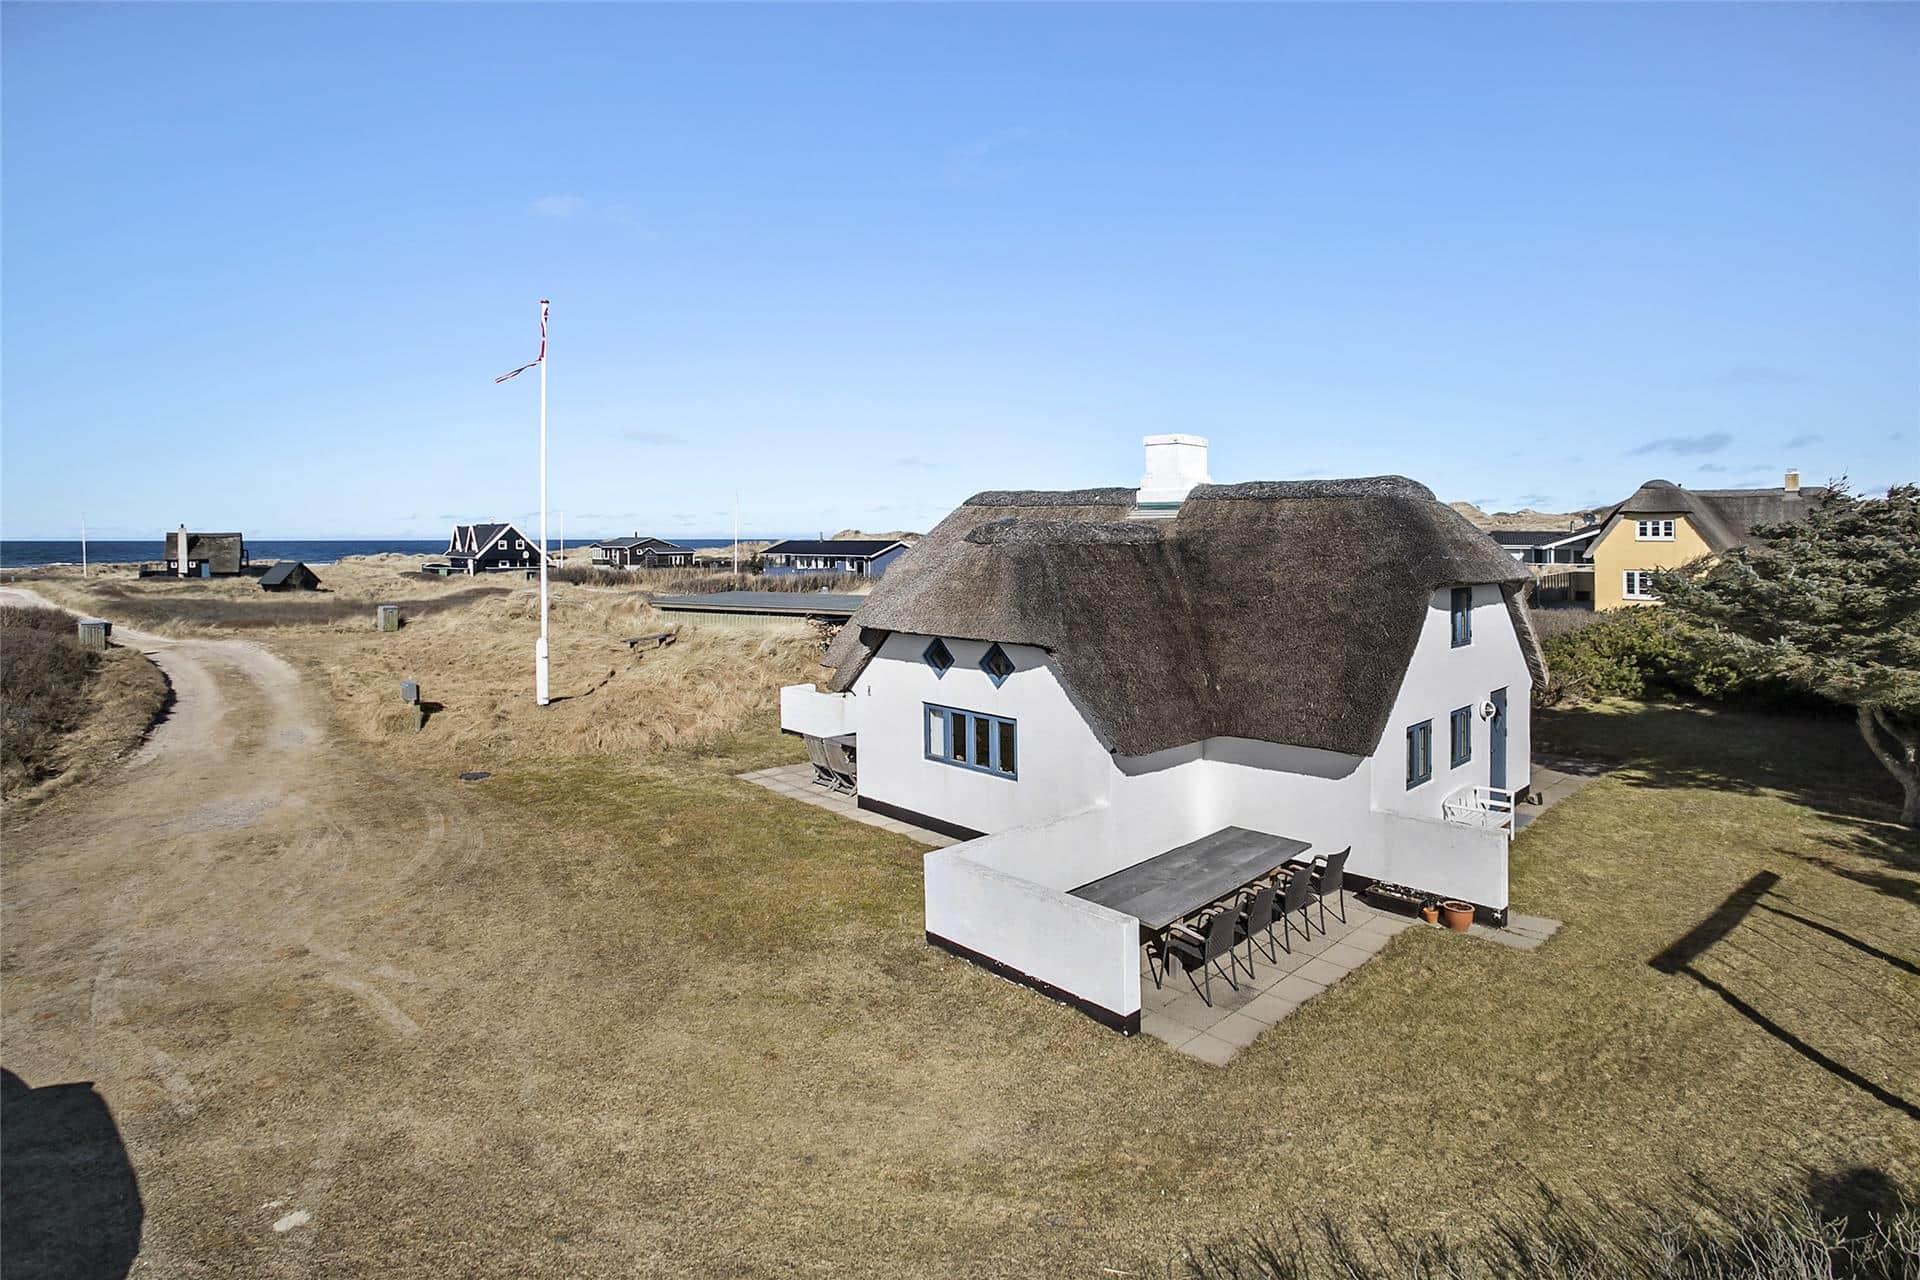 Billede 1-14 Sommerhus 1449, Kienersvej 8, DK - 9492 Blokhus